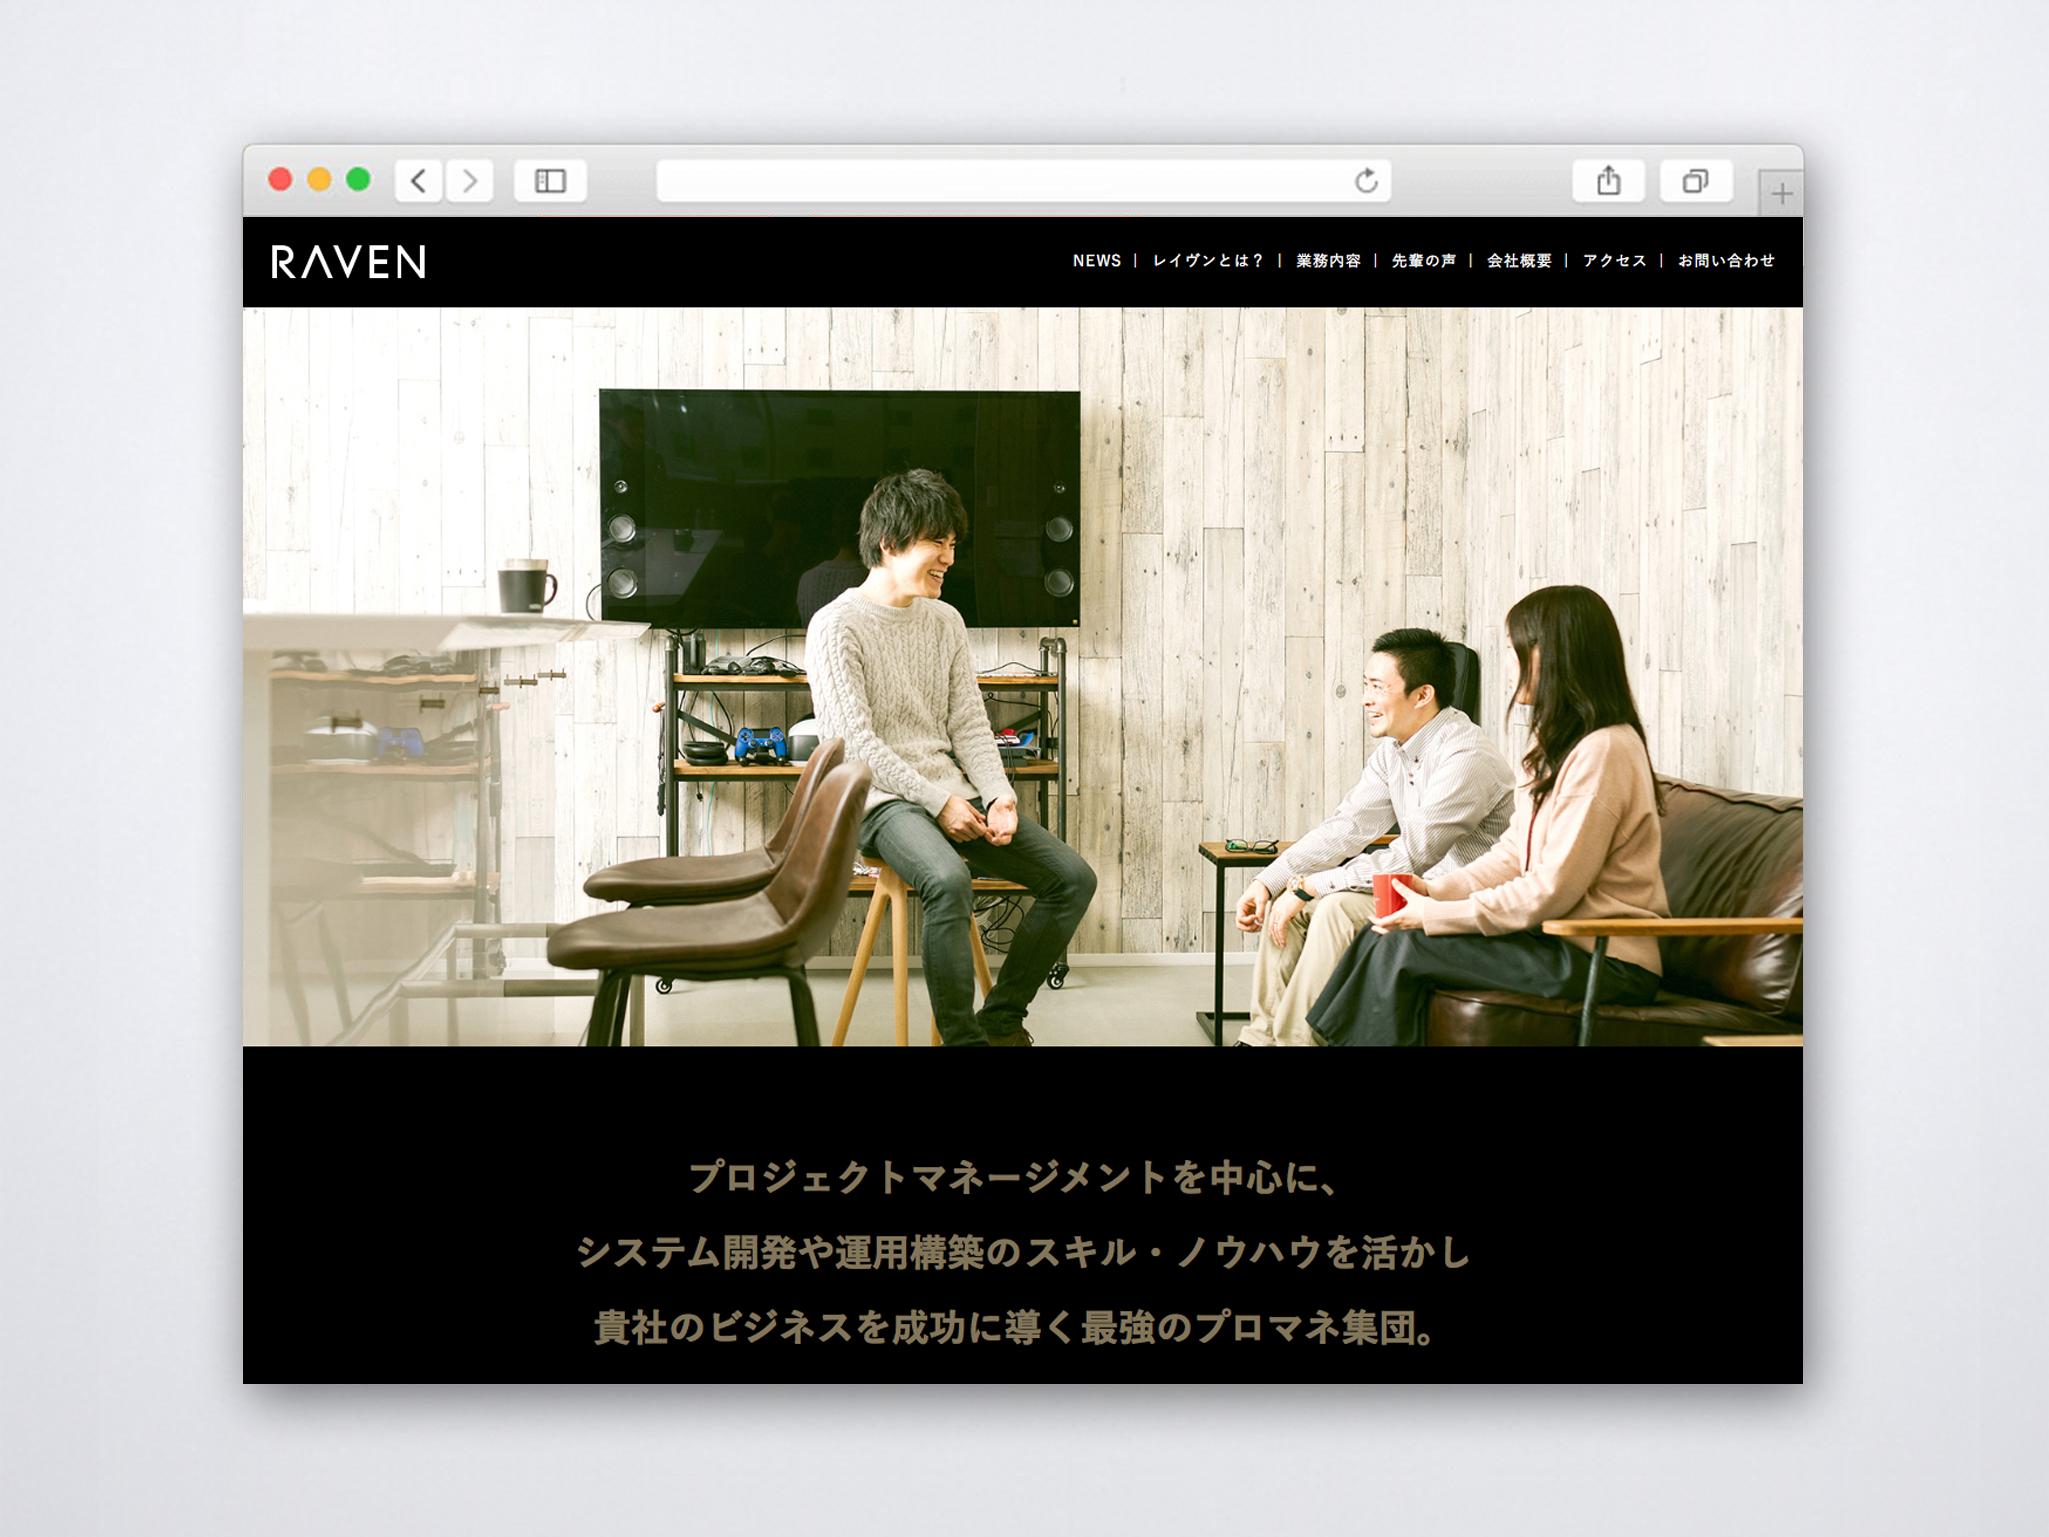 株式会社レイヴン RAVEN レンズアソシエイツ 名古屋 ブランディング 会社案内 制作